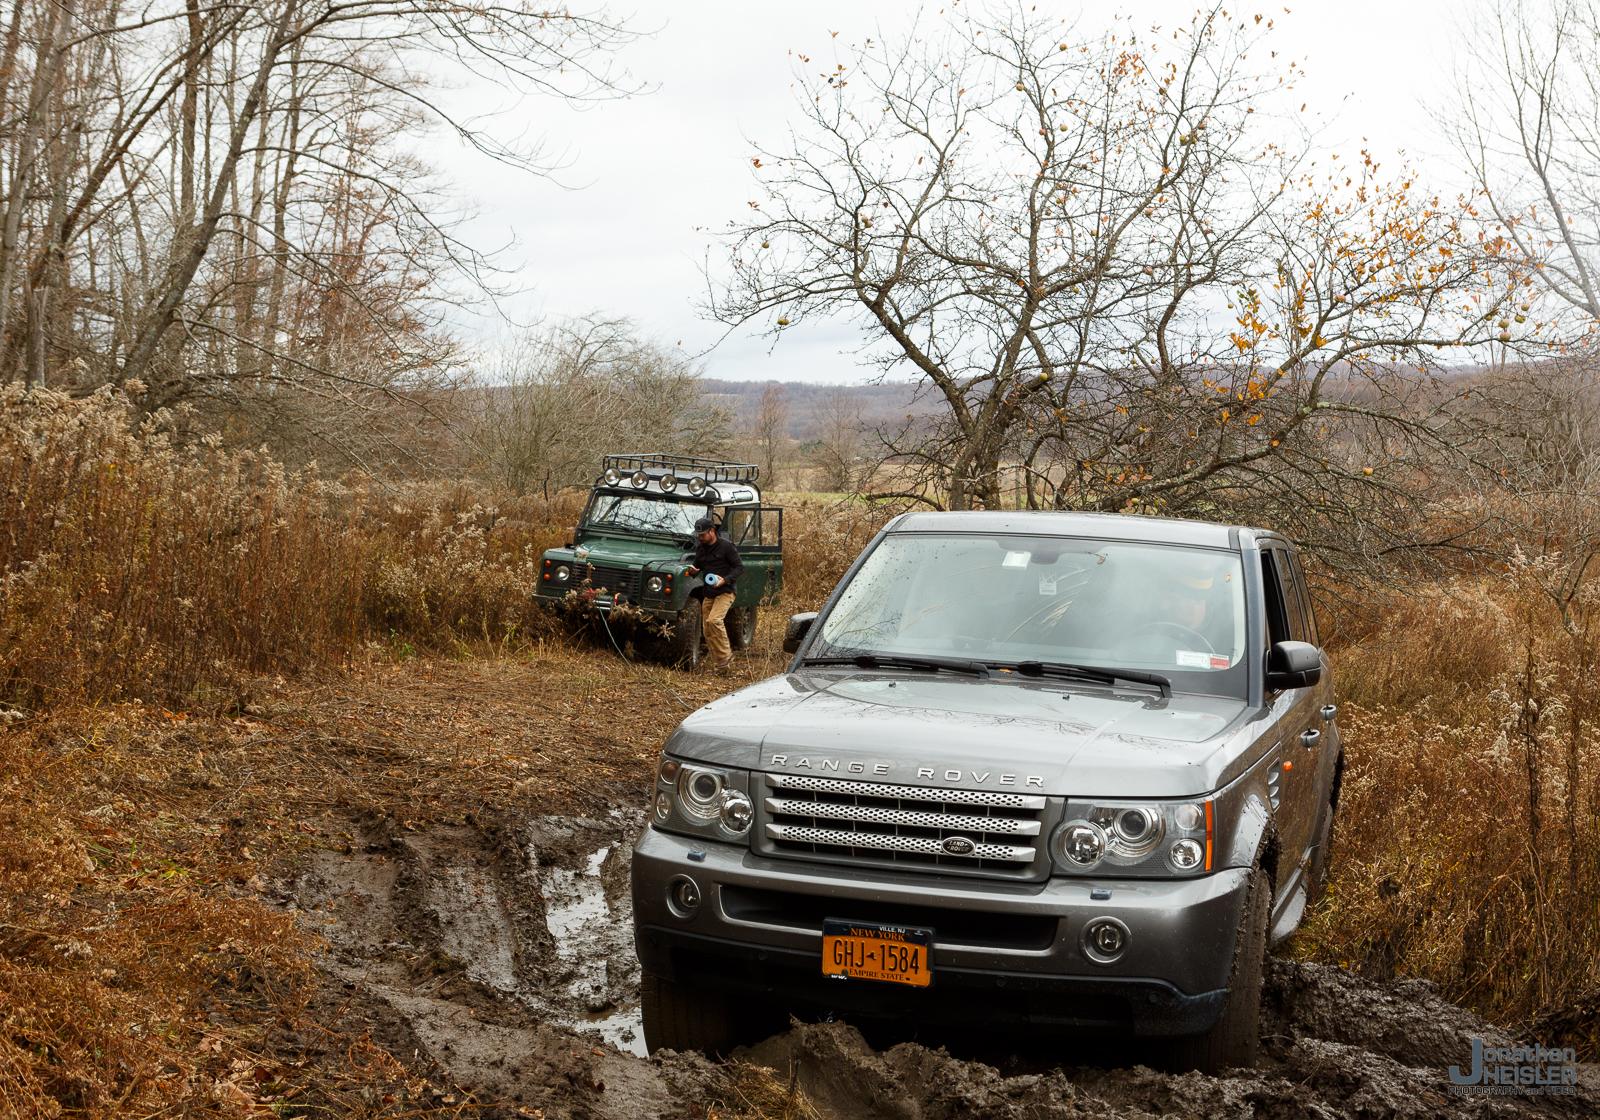 Guy Fawkes Land Rover_ Land Rover Defender __ Jonathan Heisler _ Jonathan Heisler Photography006.jpg